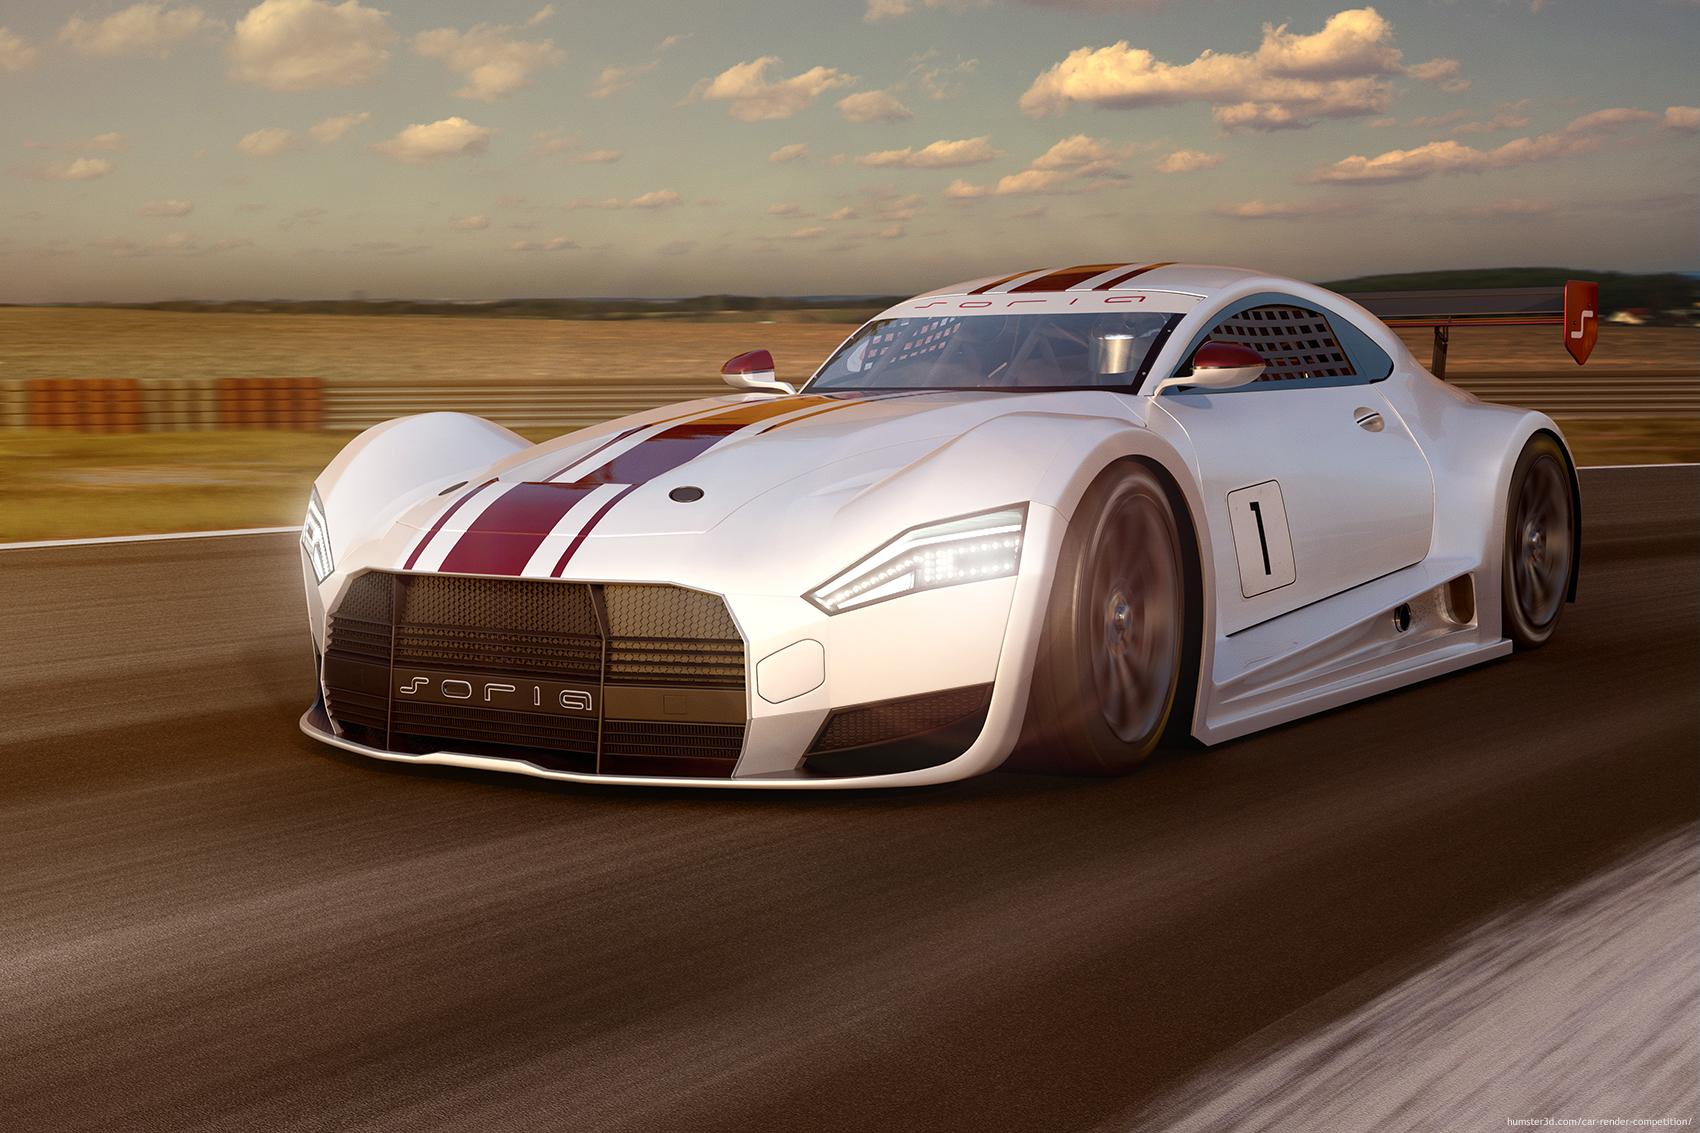 Soria - The concept car 3d art